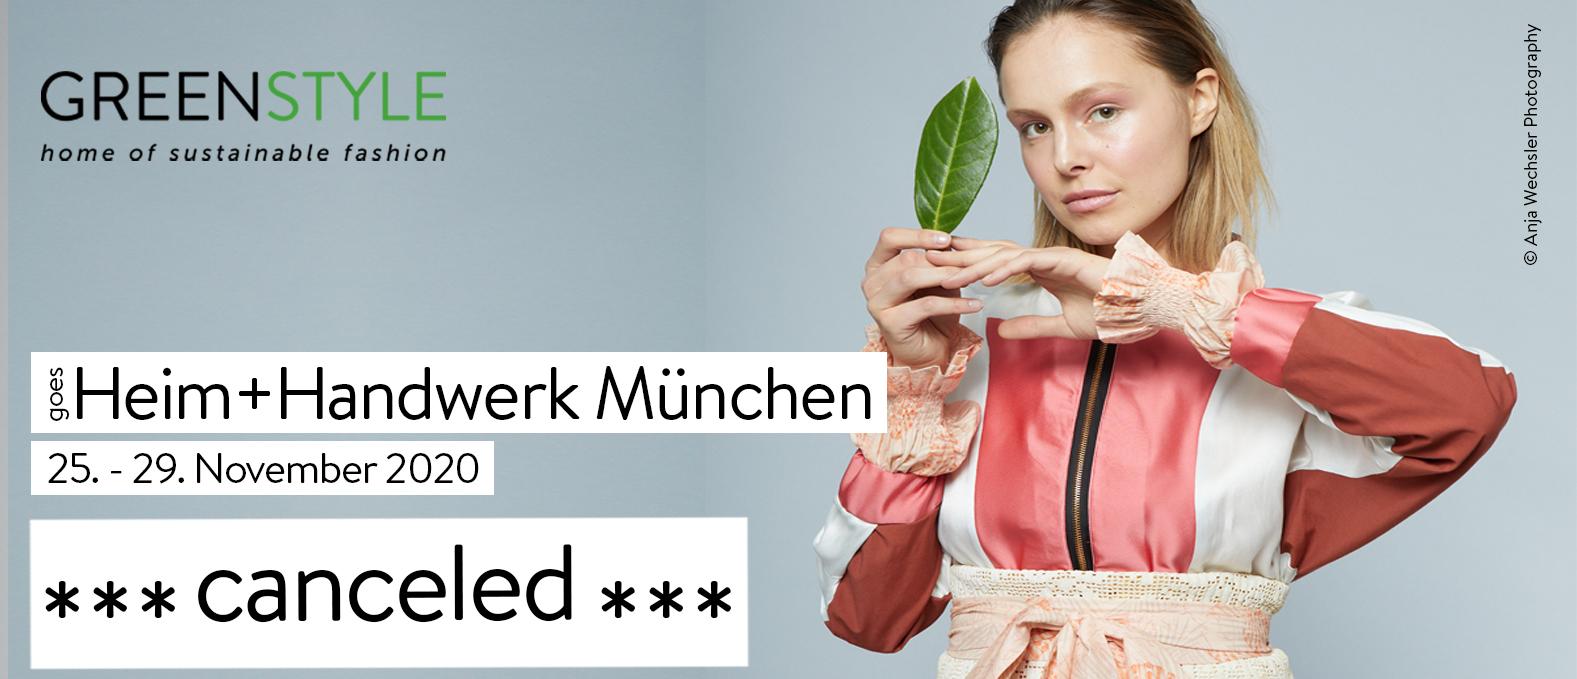 GREENSTYLE goes Heim+Handwerk Munich